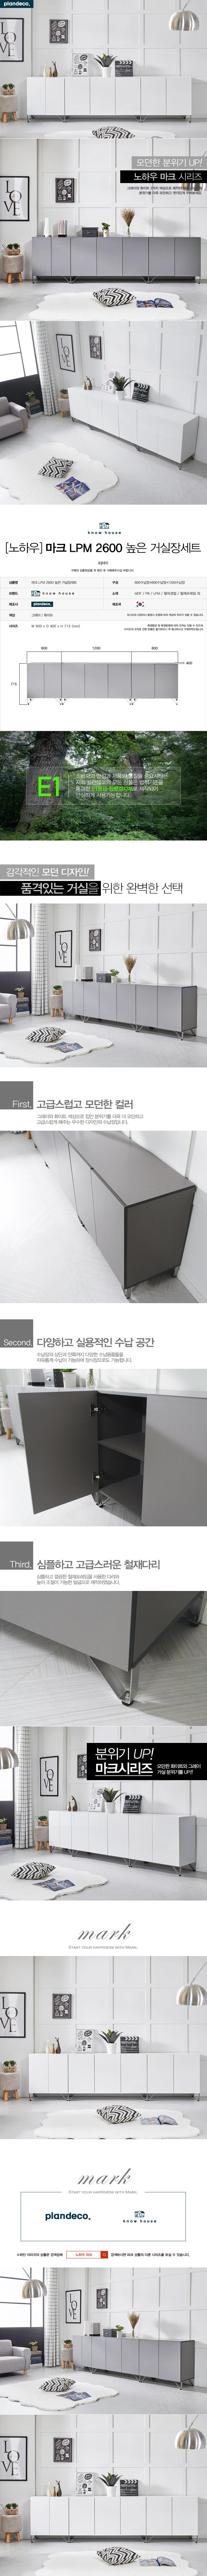 마크 LPM 2600 높은 거실장세트 - 노하우, 499,000원, 거실가구, 거실장/TV스탠드